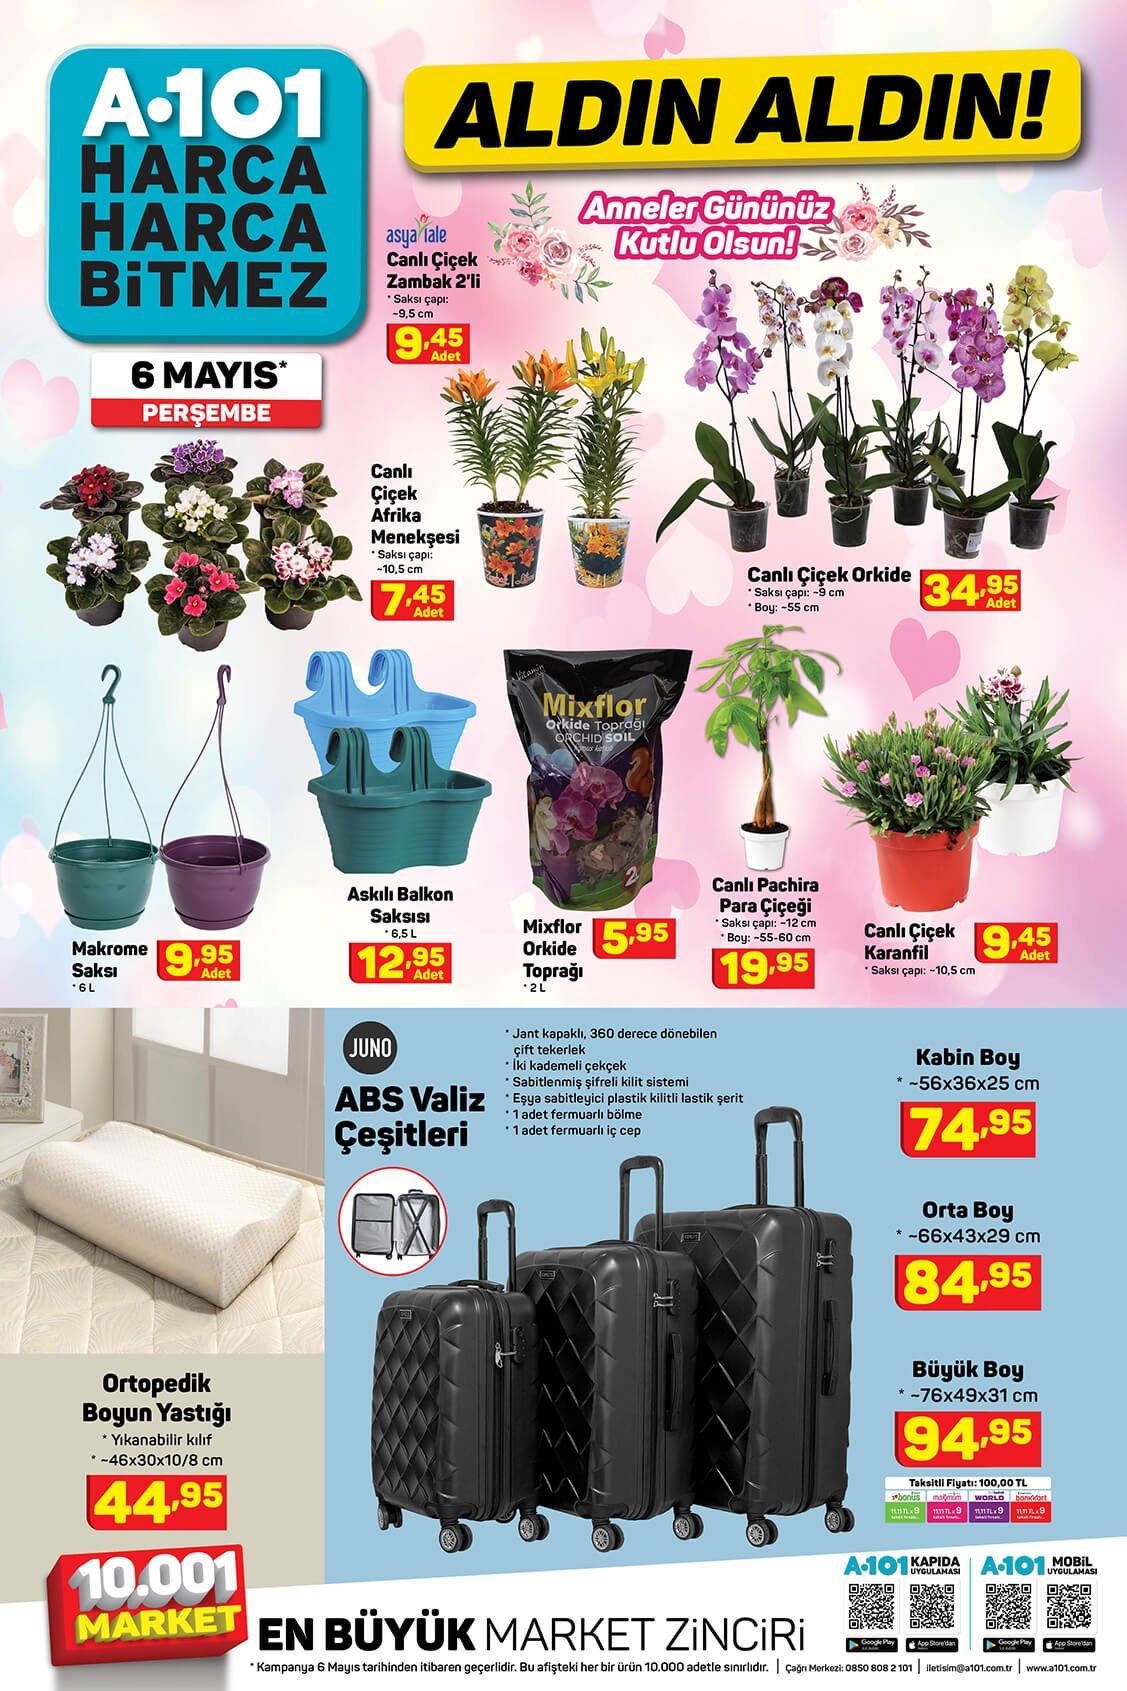 تخفيضات ماركت يوزبير A101 على الحقائب والنباتات